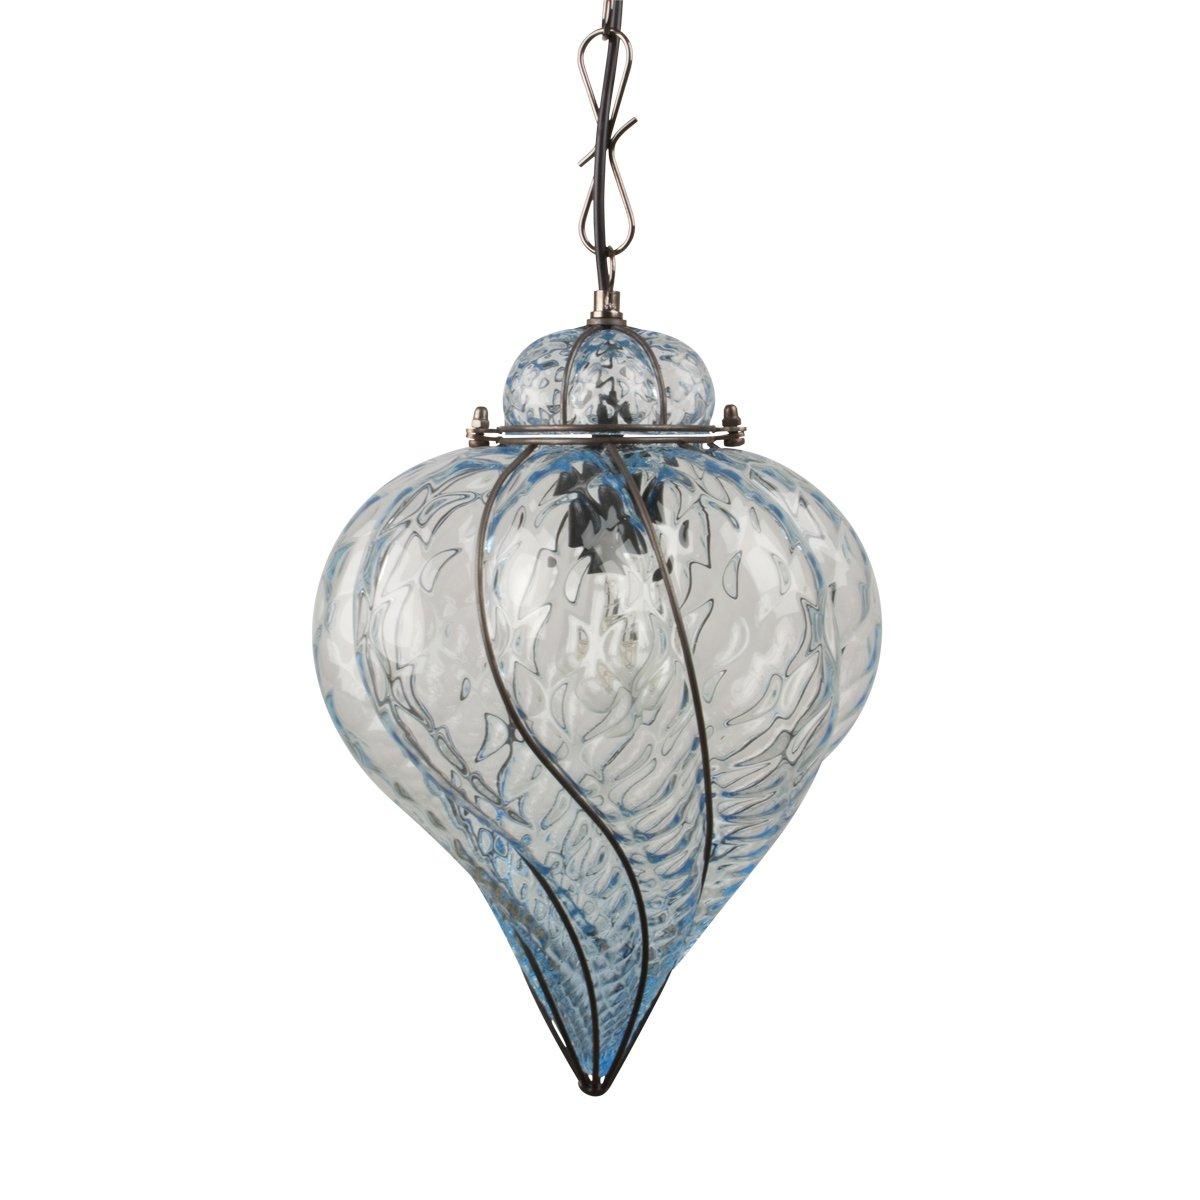 venezianische glas laterne zur innenbeleuchtung. Black Bedroom Furniture Sets. Home Design Ideas